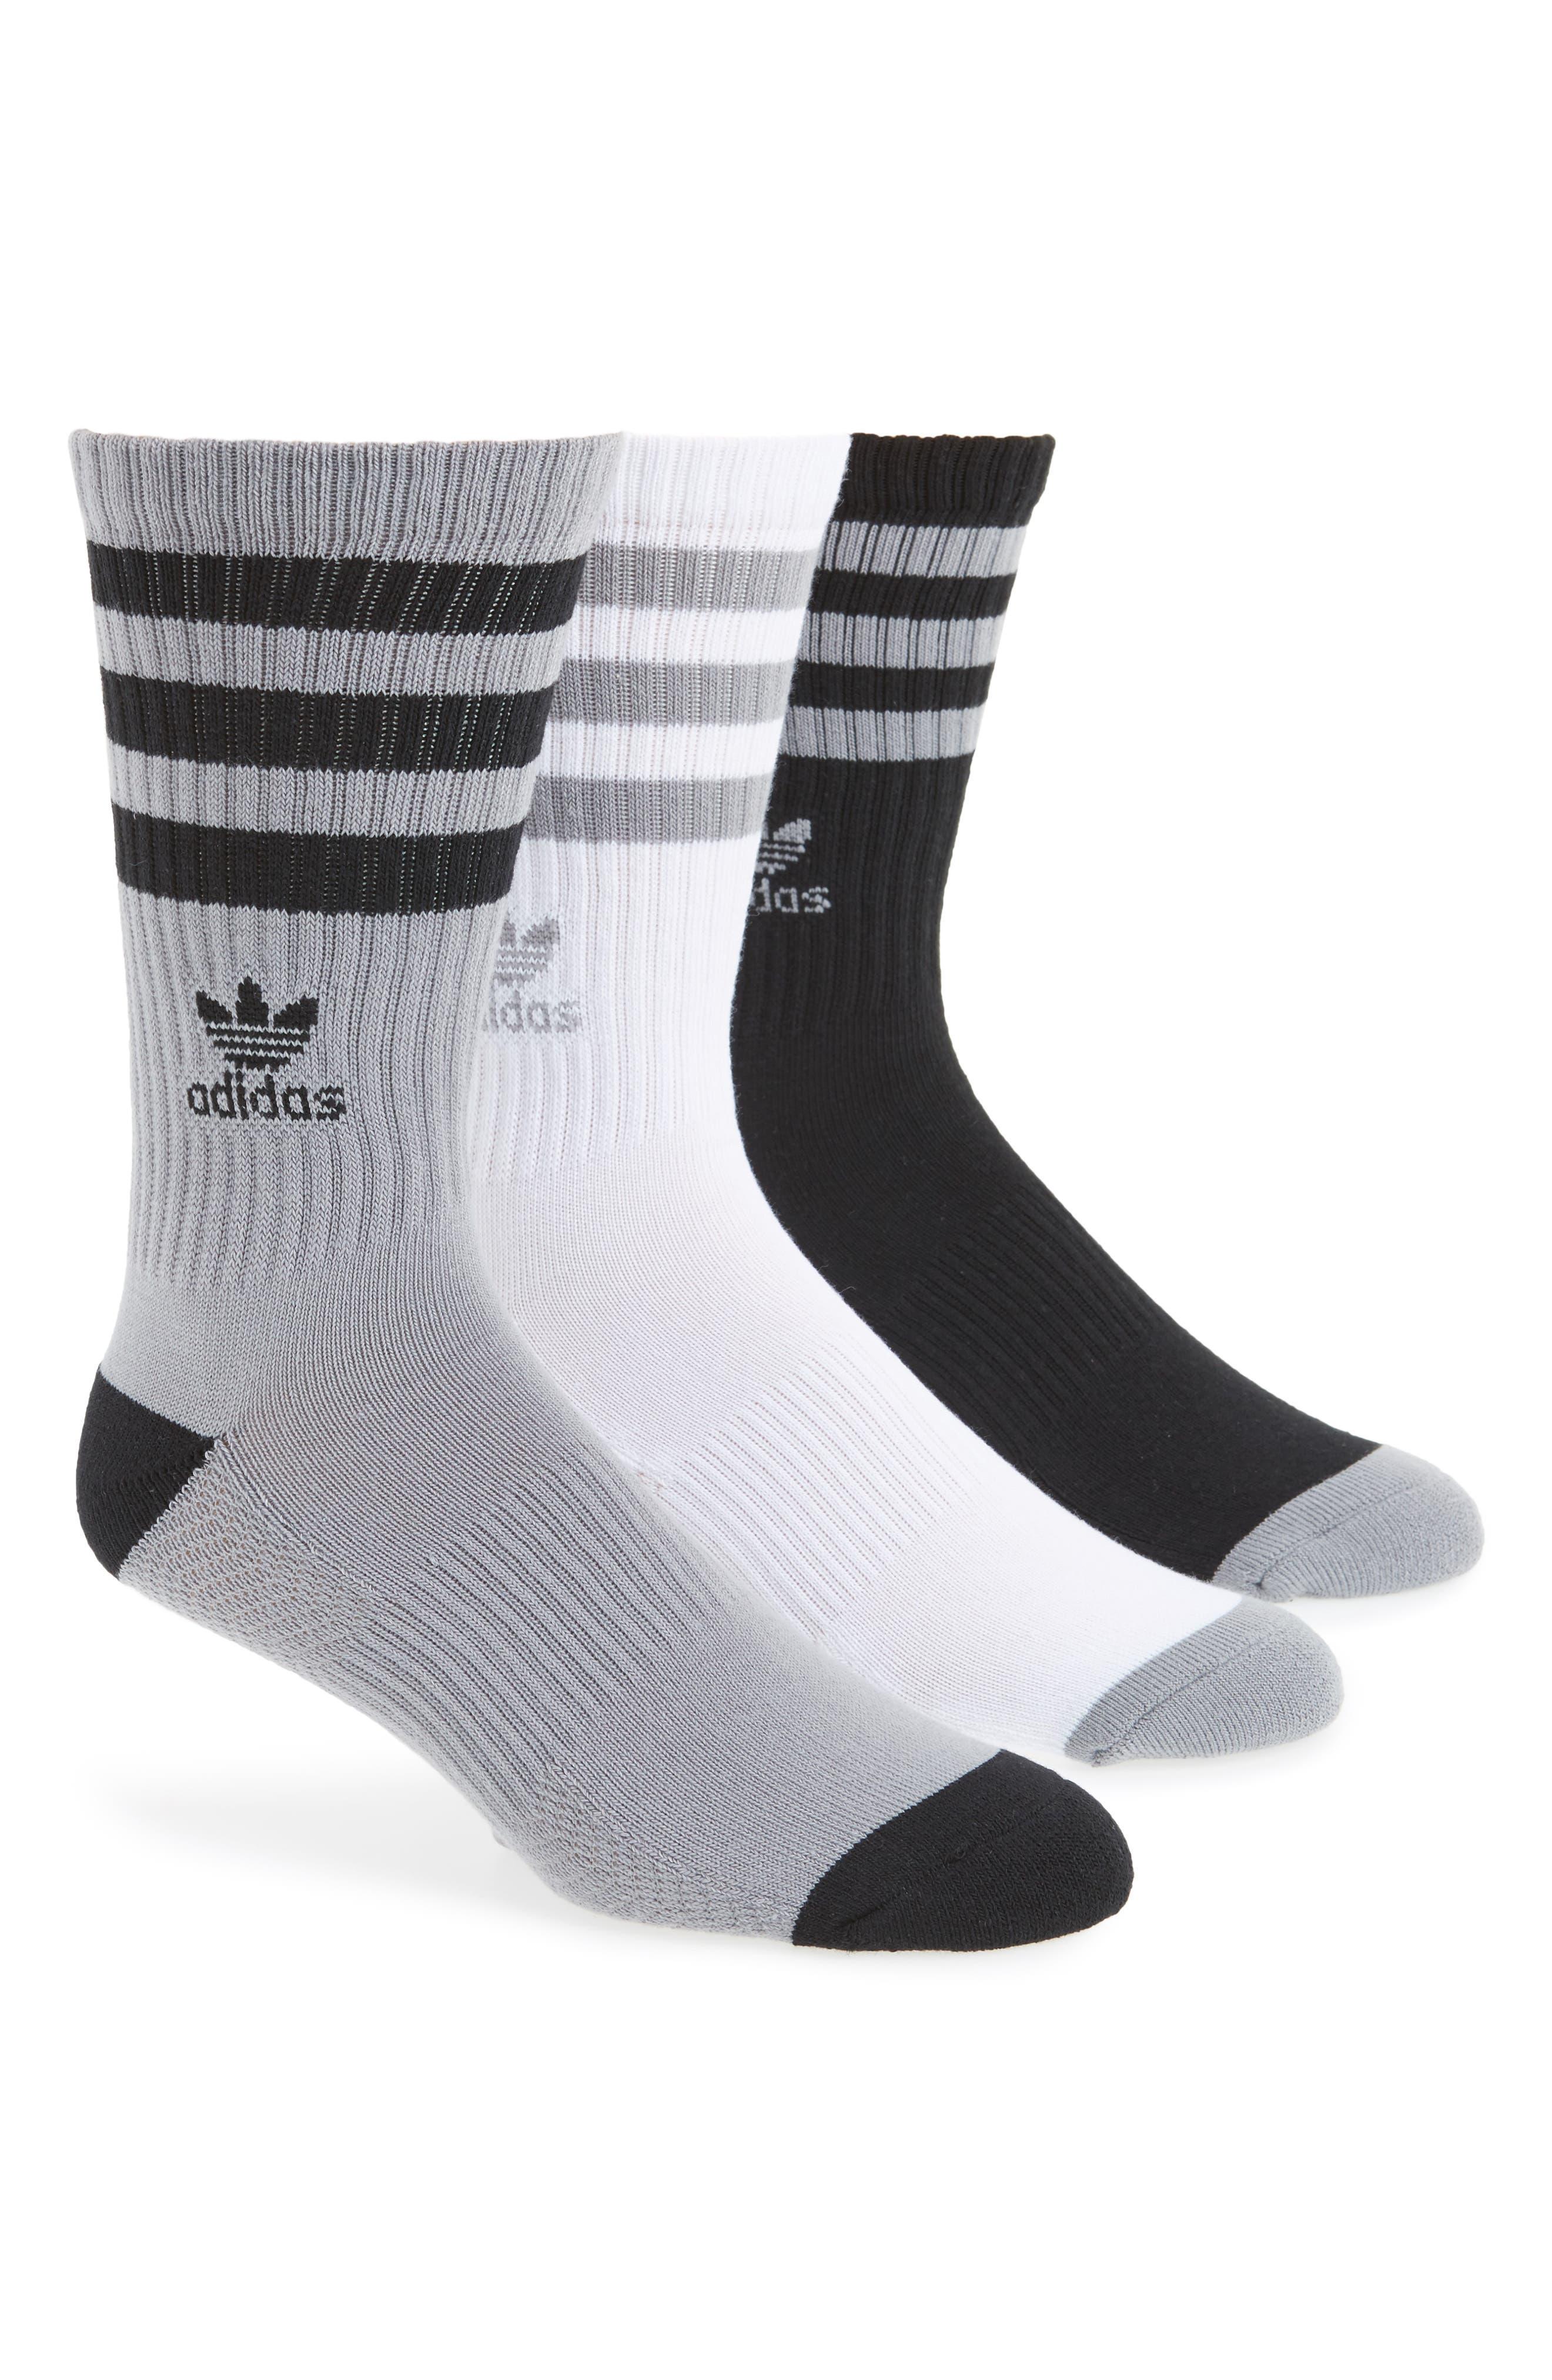 adidas Originals 3-Pack Ribbed Crew Socks